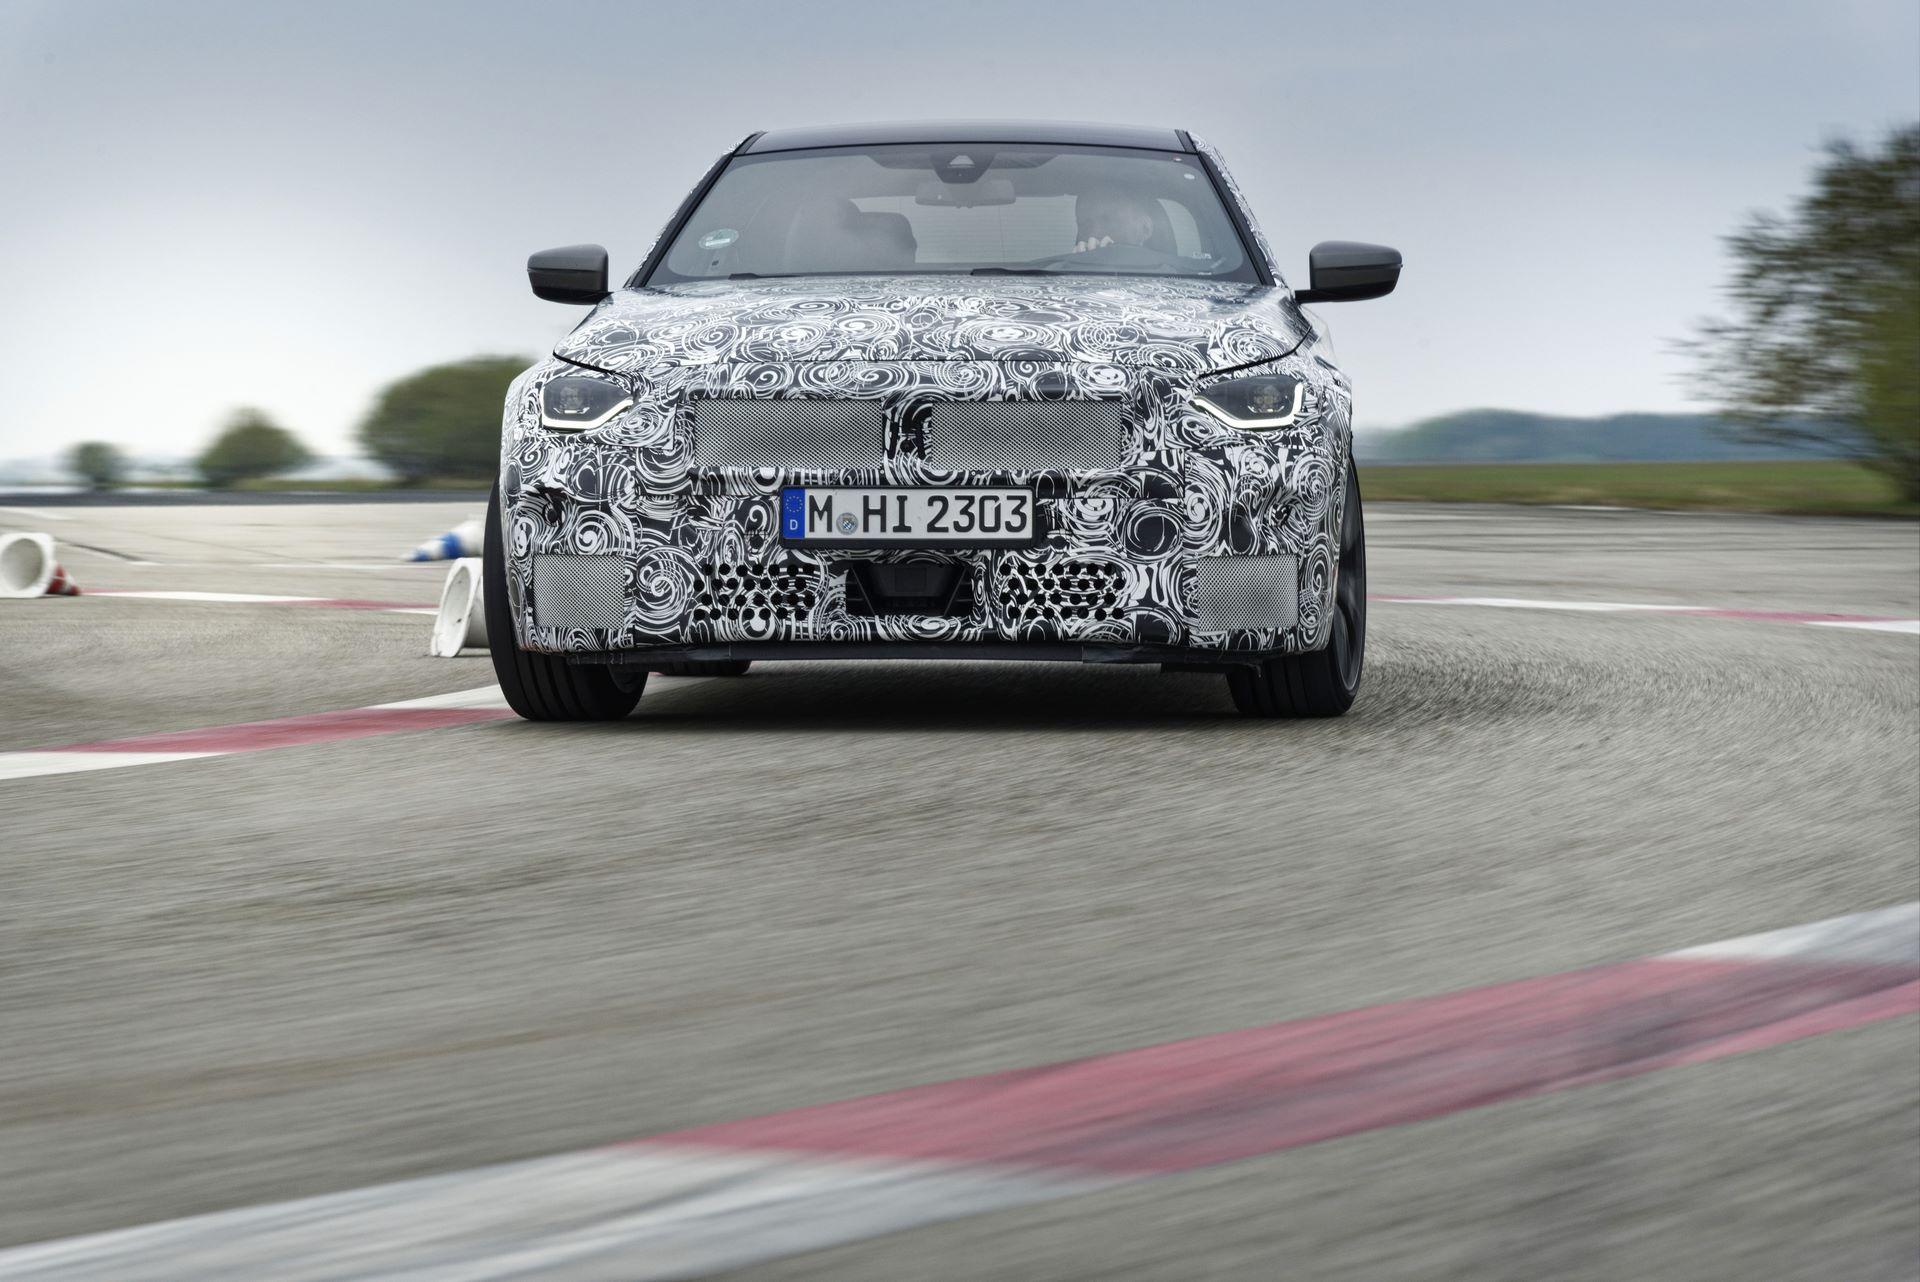 BMW-2-Series-M240i-spy-photos-77